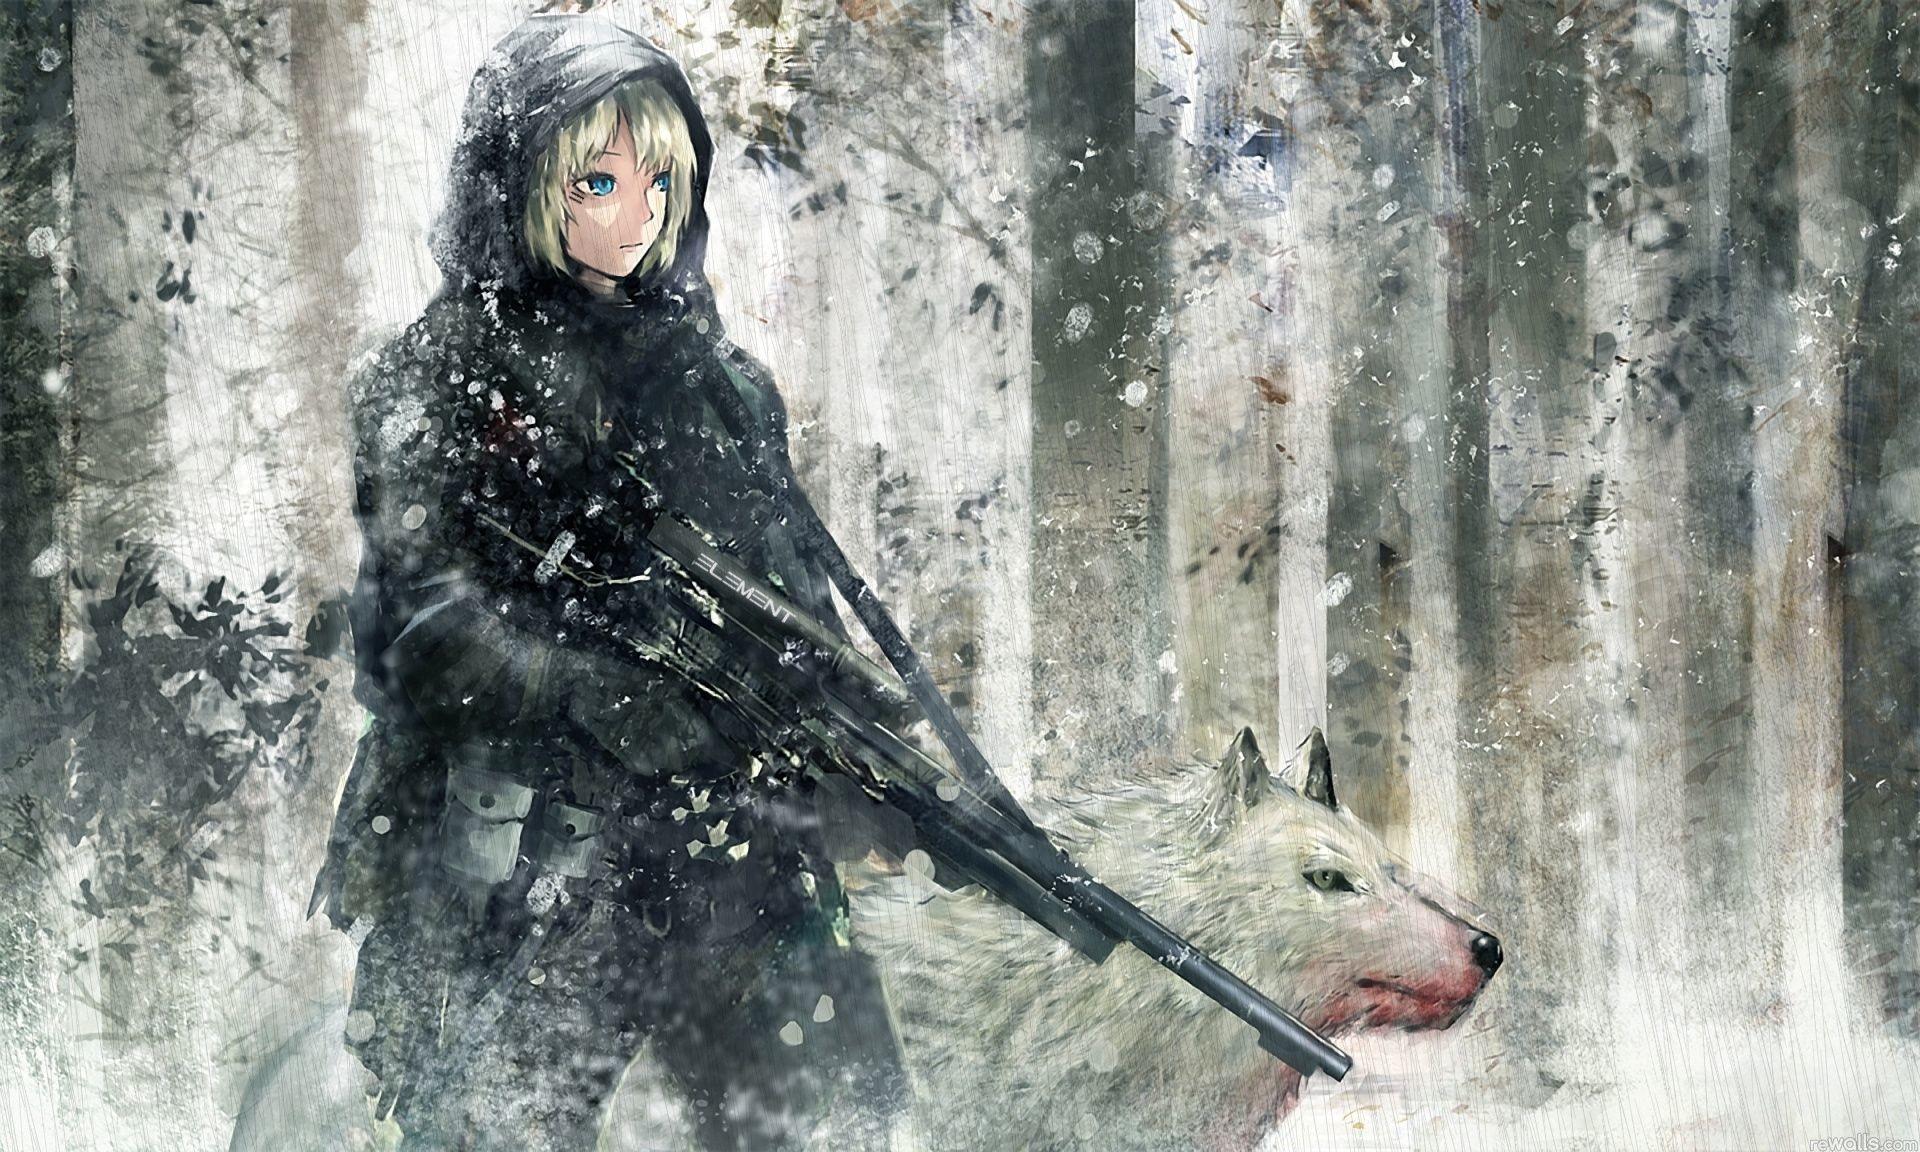 Anime Assassin Girl with Guns – Cartoon Archer Girls with Gun